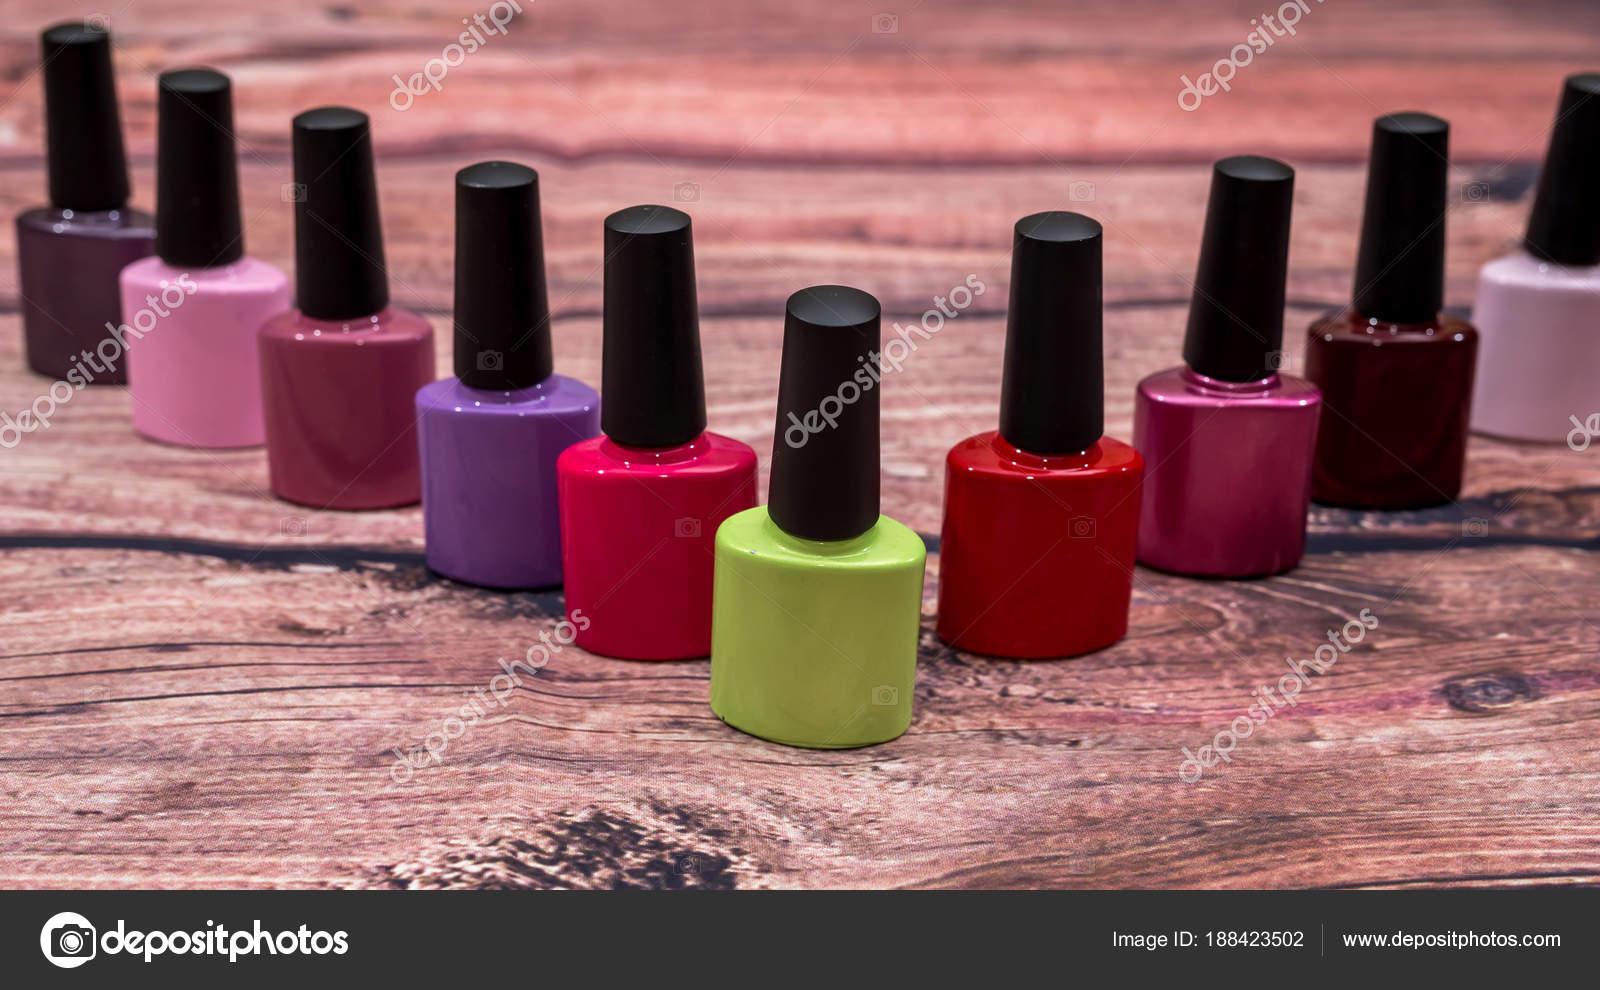 Bouteilles vernis ongles petit coloré différent sur bureau bois